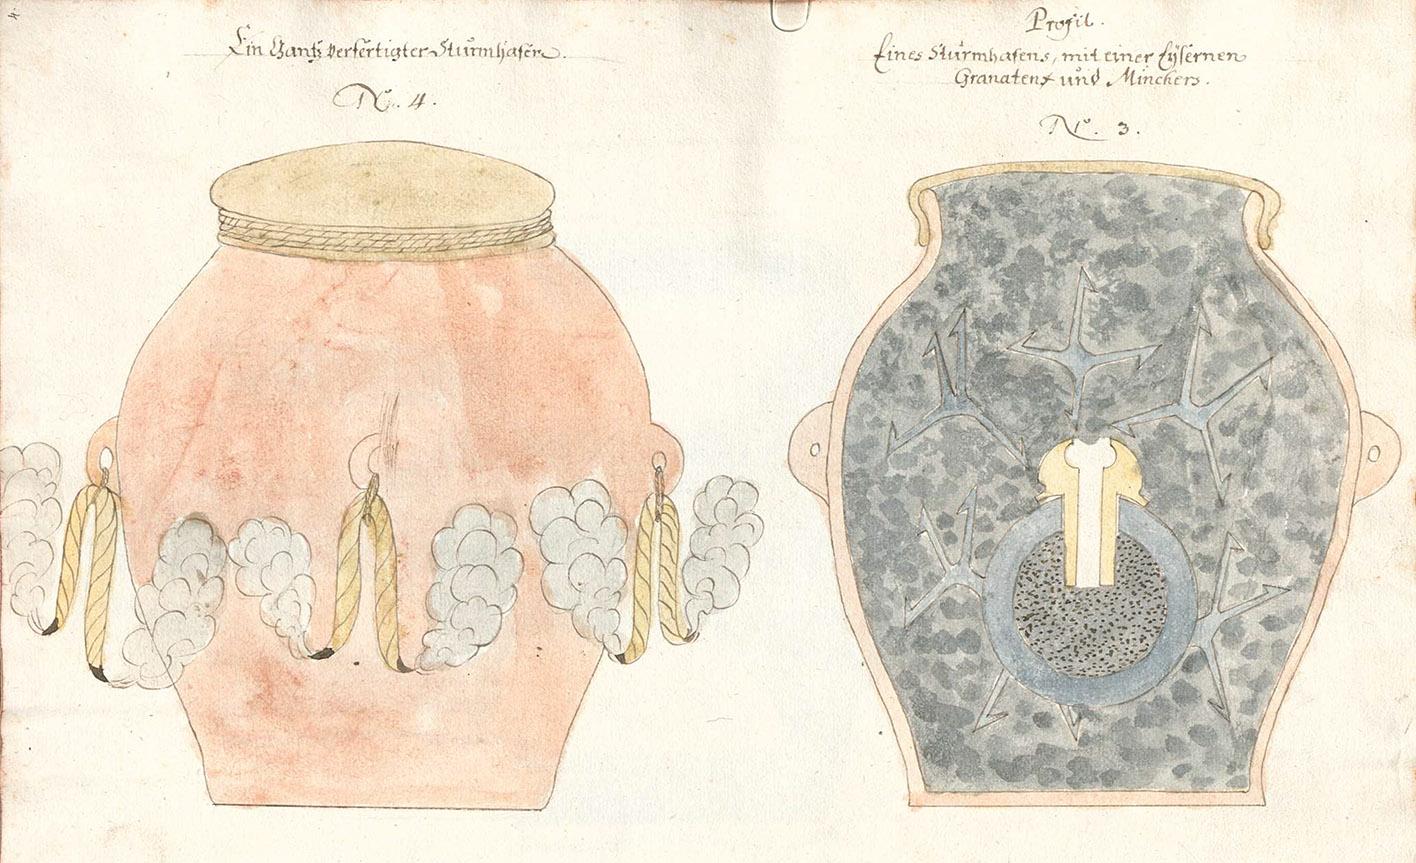 pages_from_faulhaber_anton-faulhaber_johann_matth_us_von_artilleriekunst_ii_tafelband_bsb_cod_icon_226_1671-1702.jpg